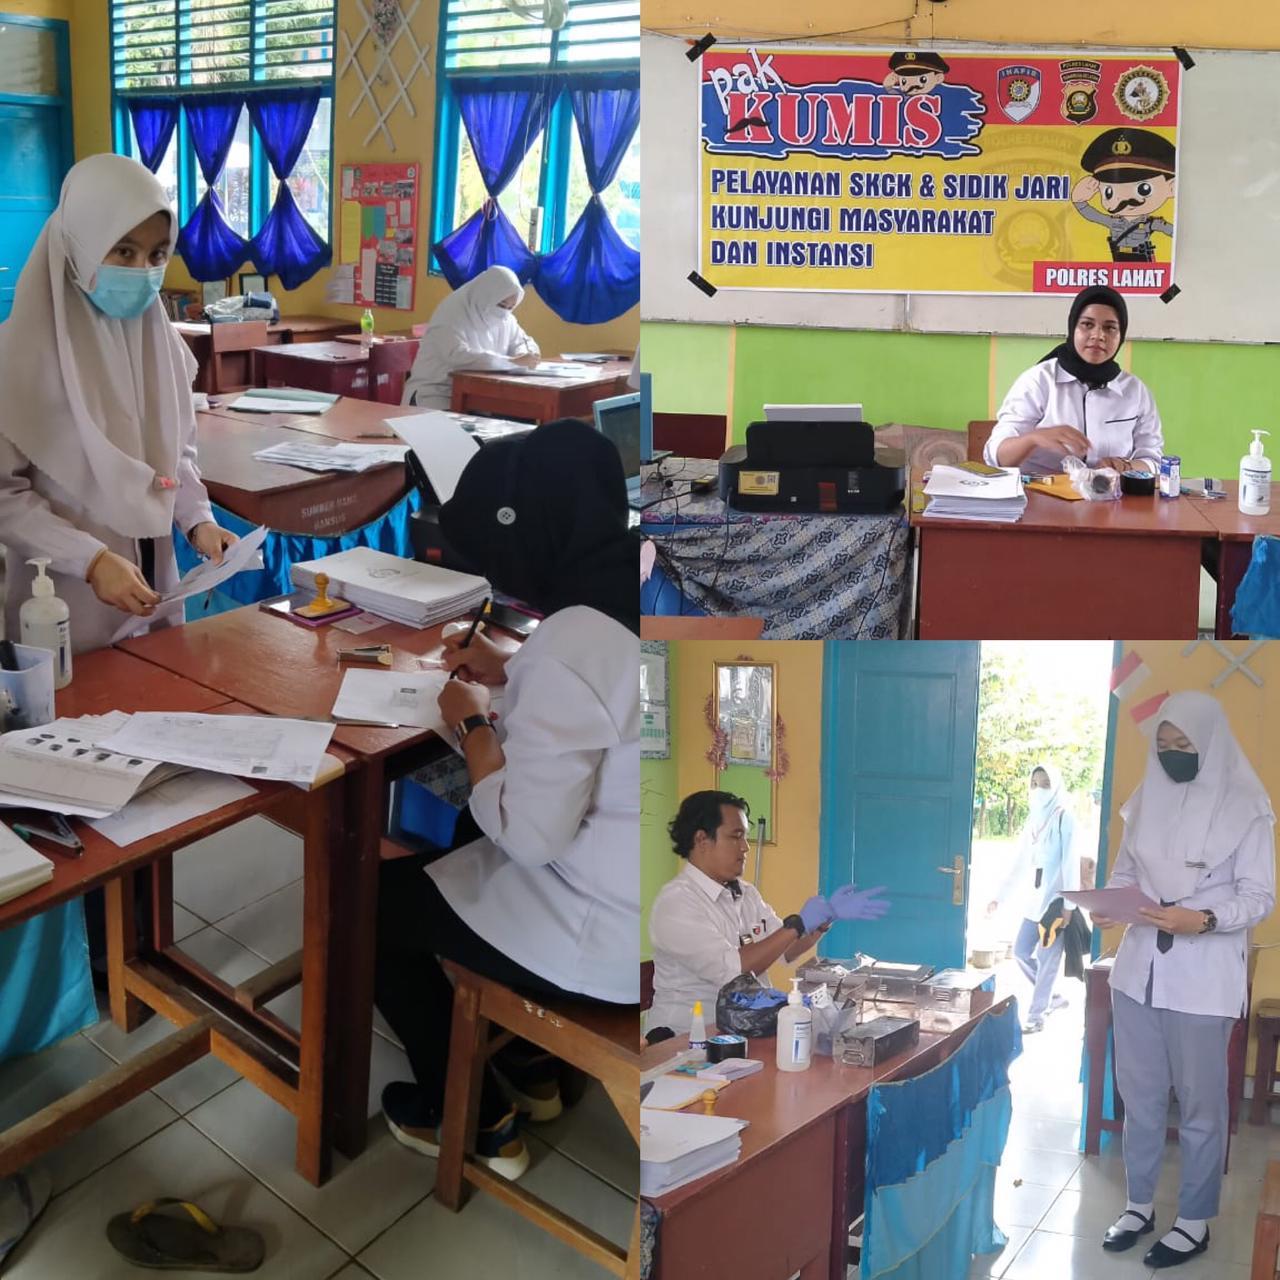 Polres Lahat Mengadakan Pelayanan SKCK dan Sidik Jari Kolektif di SMA Negeri 4 Lahat